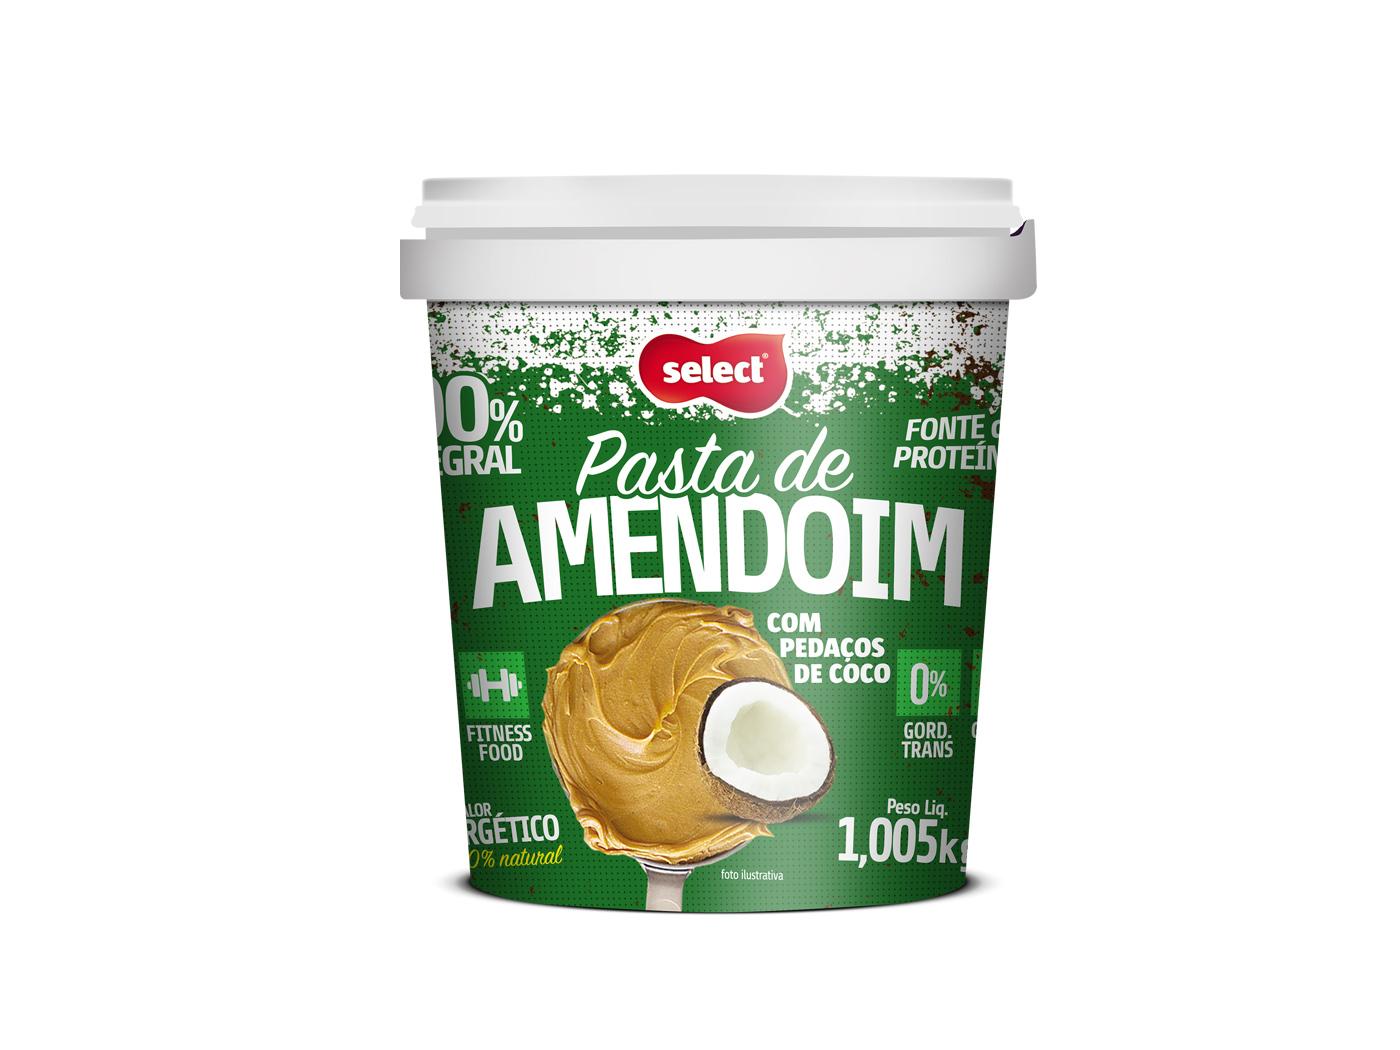 pasta de amendoim coco select